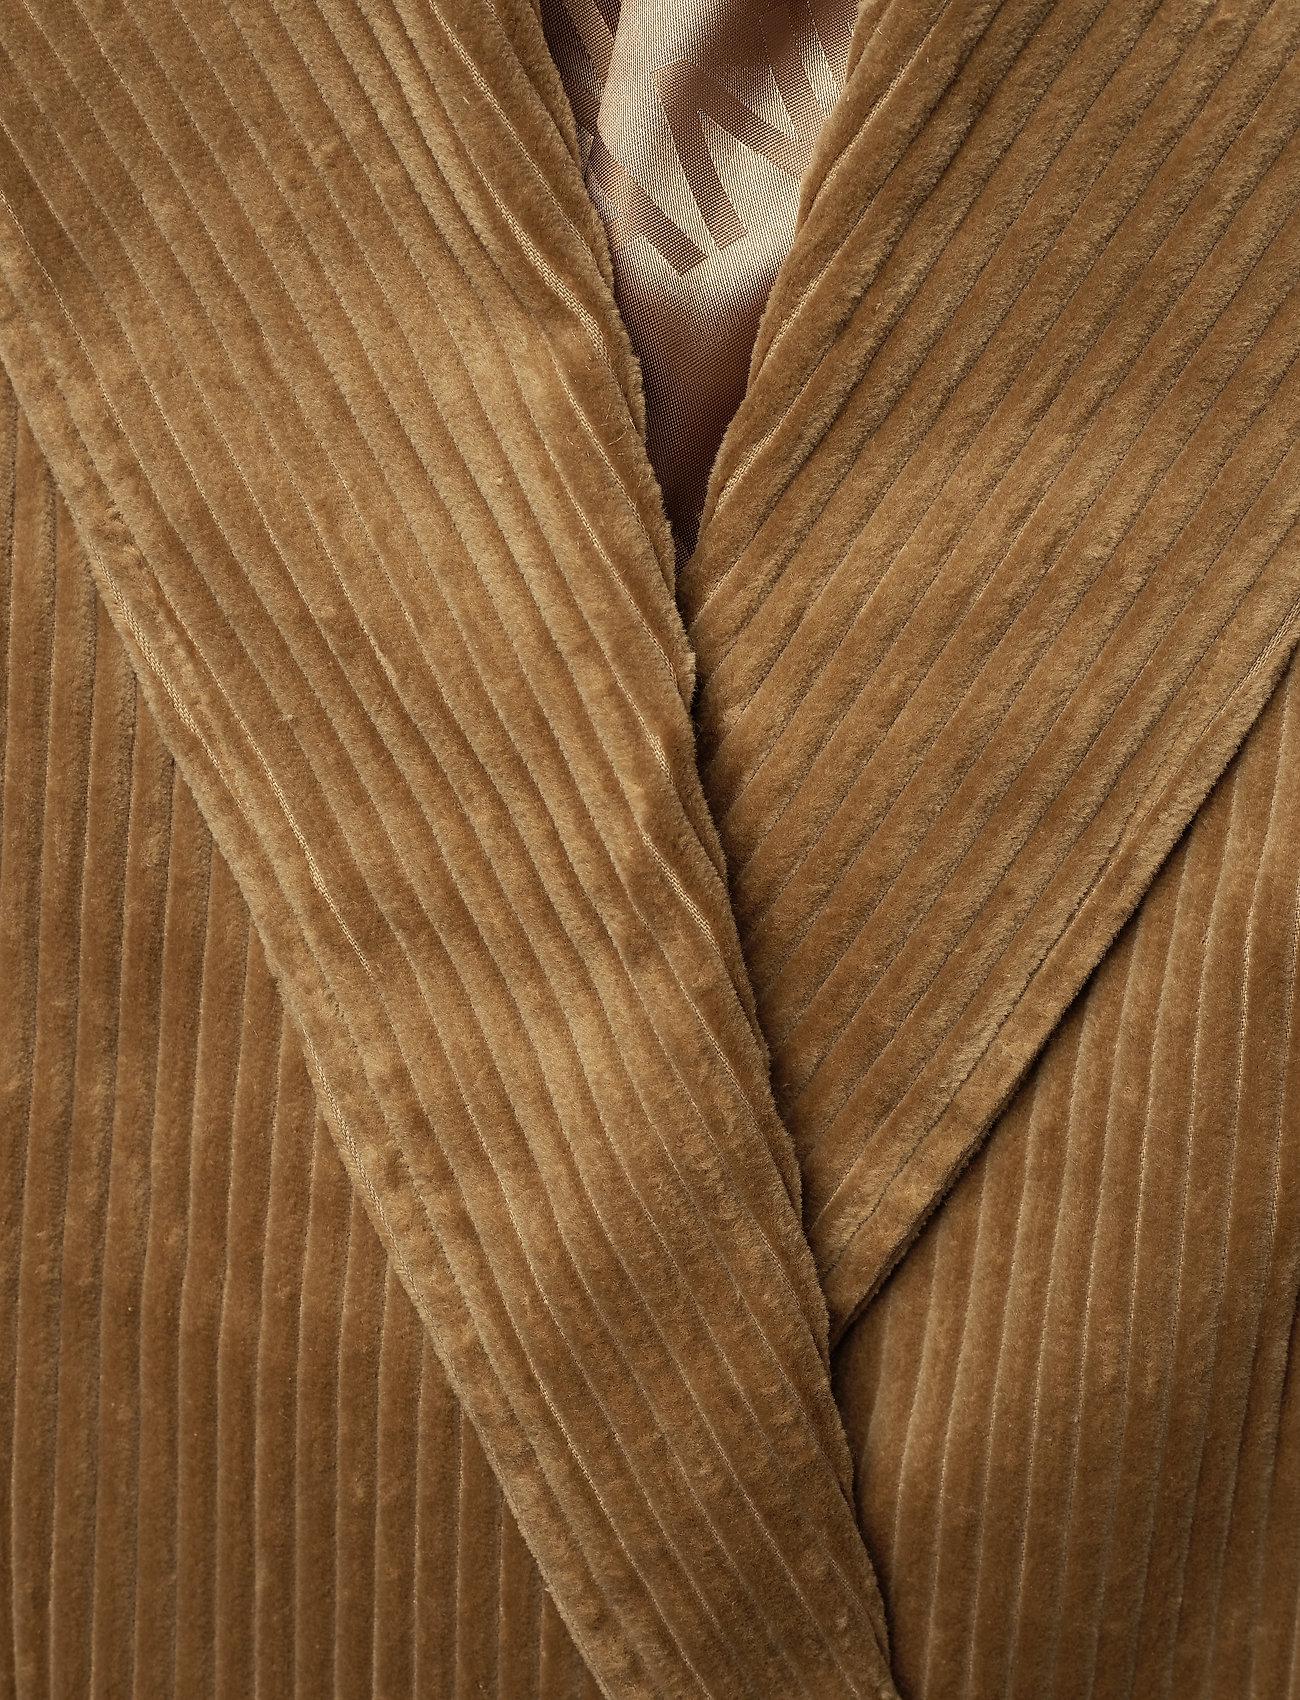 Ganni Corduroy Blazer - Blezery TIGER'S EYE - Kobiety Odzież.